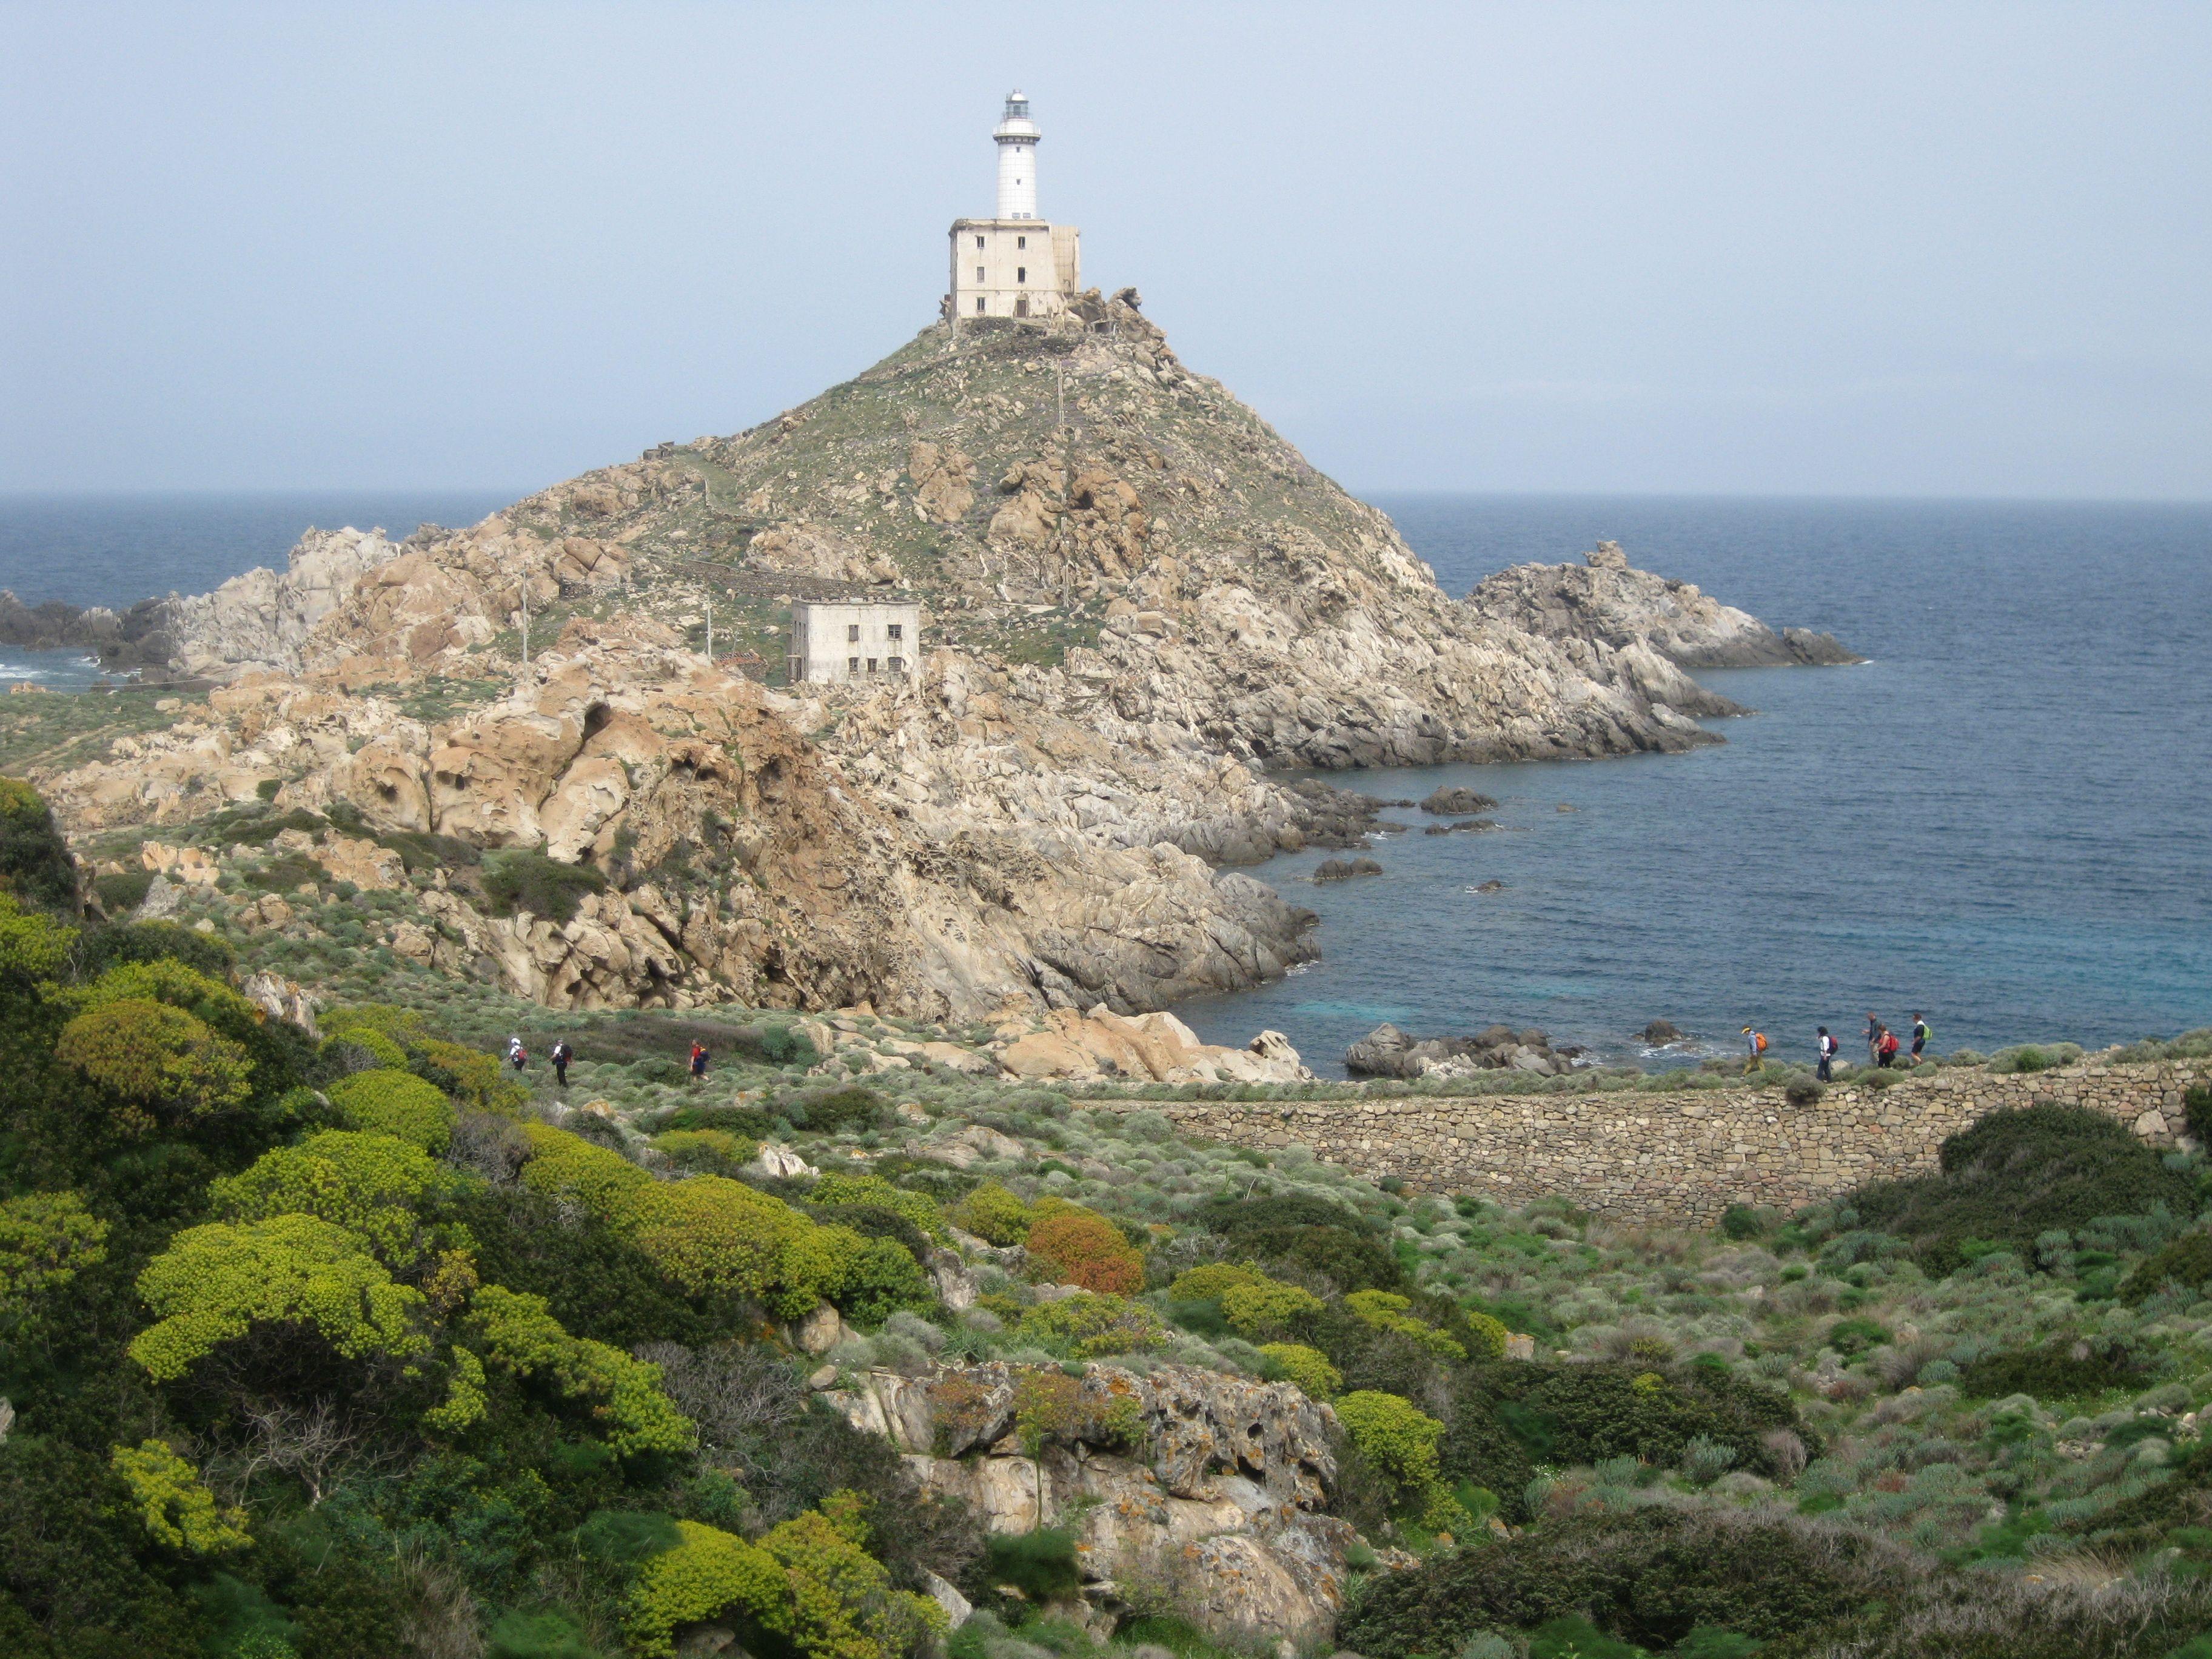 Asinara - Sardegna - Italy 2013